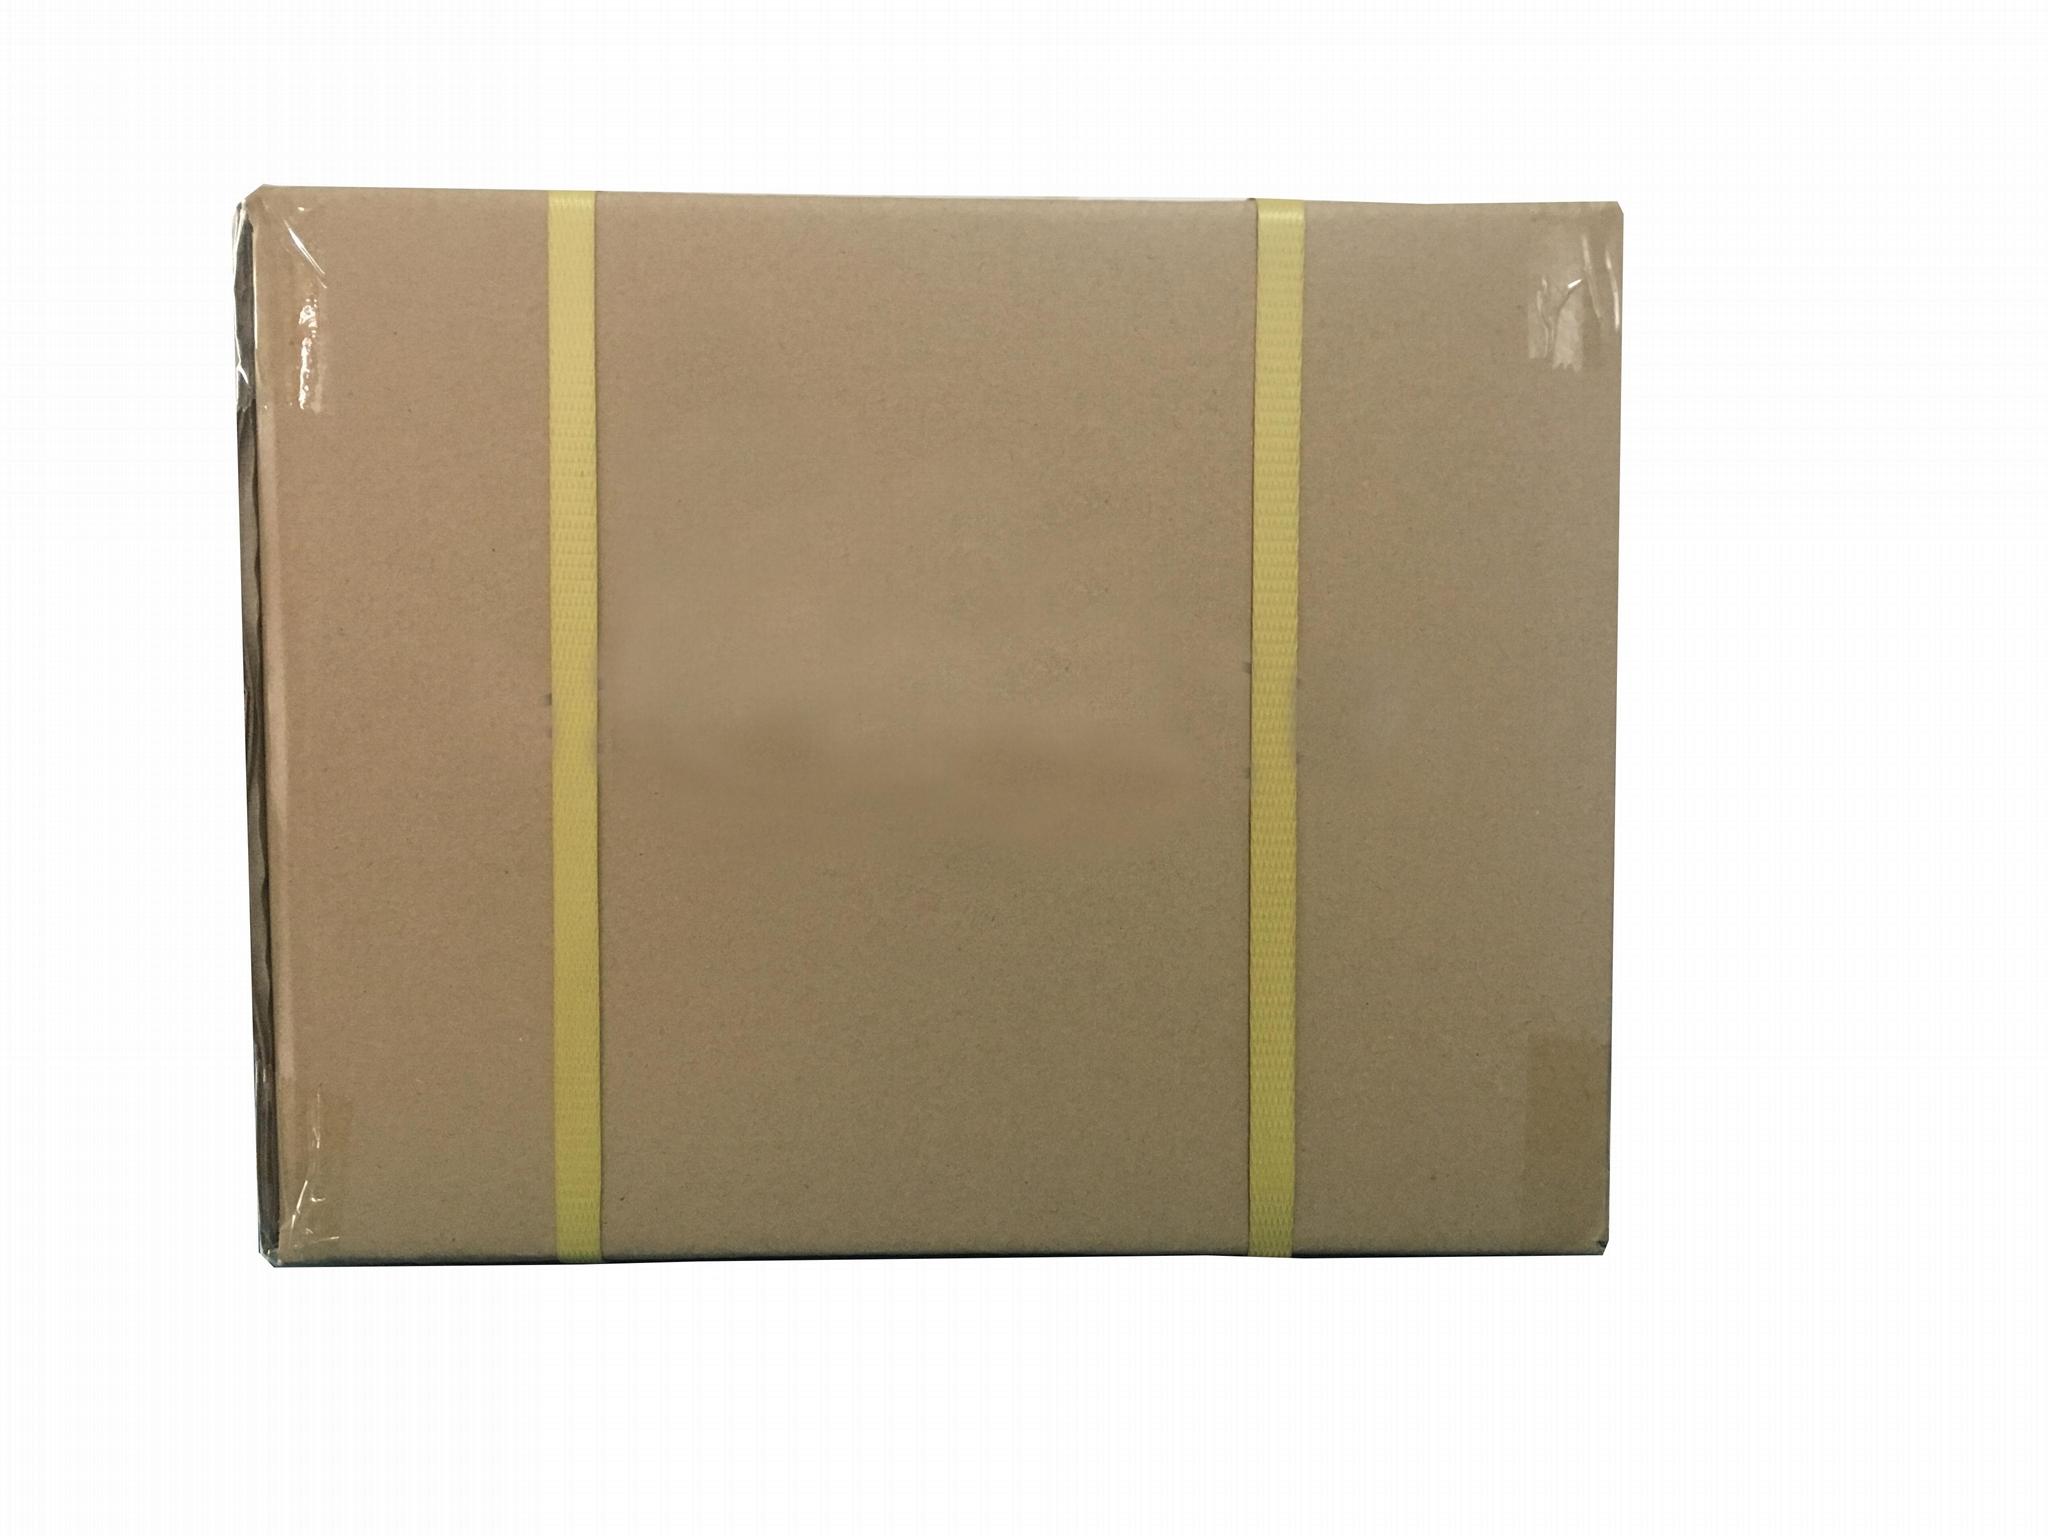 土黃色FAKRA公-米色FAKRA公  連接線 5